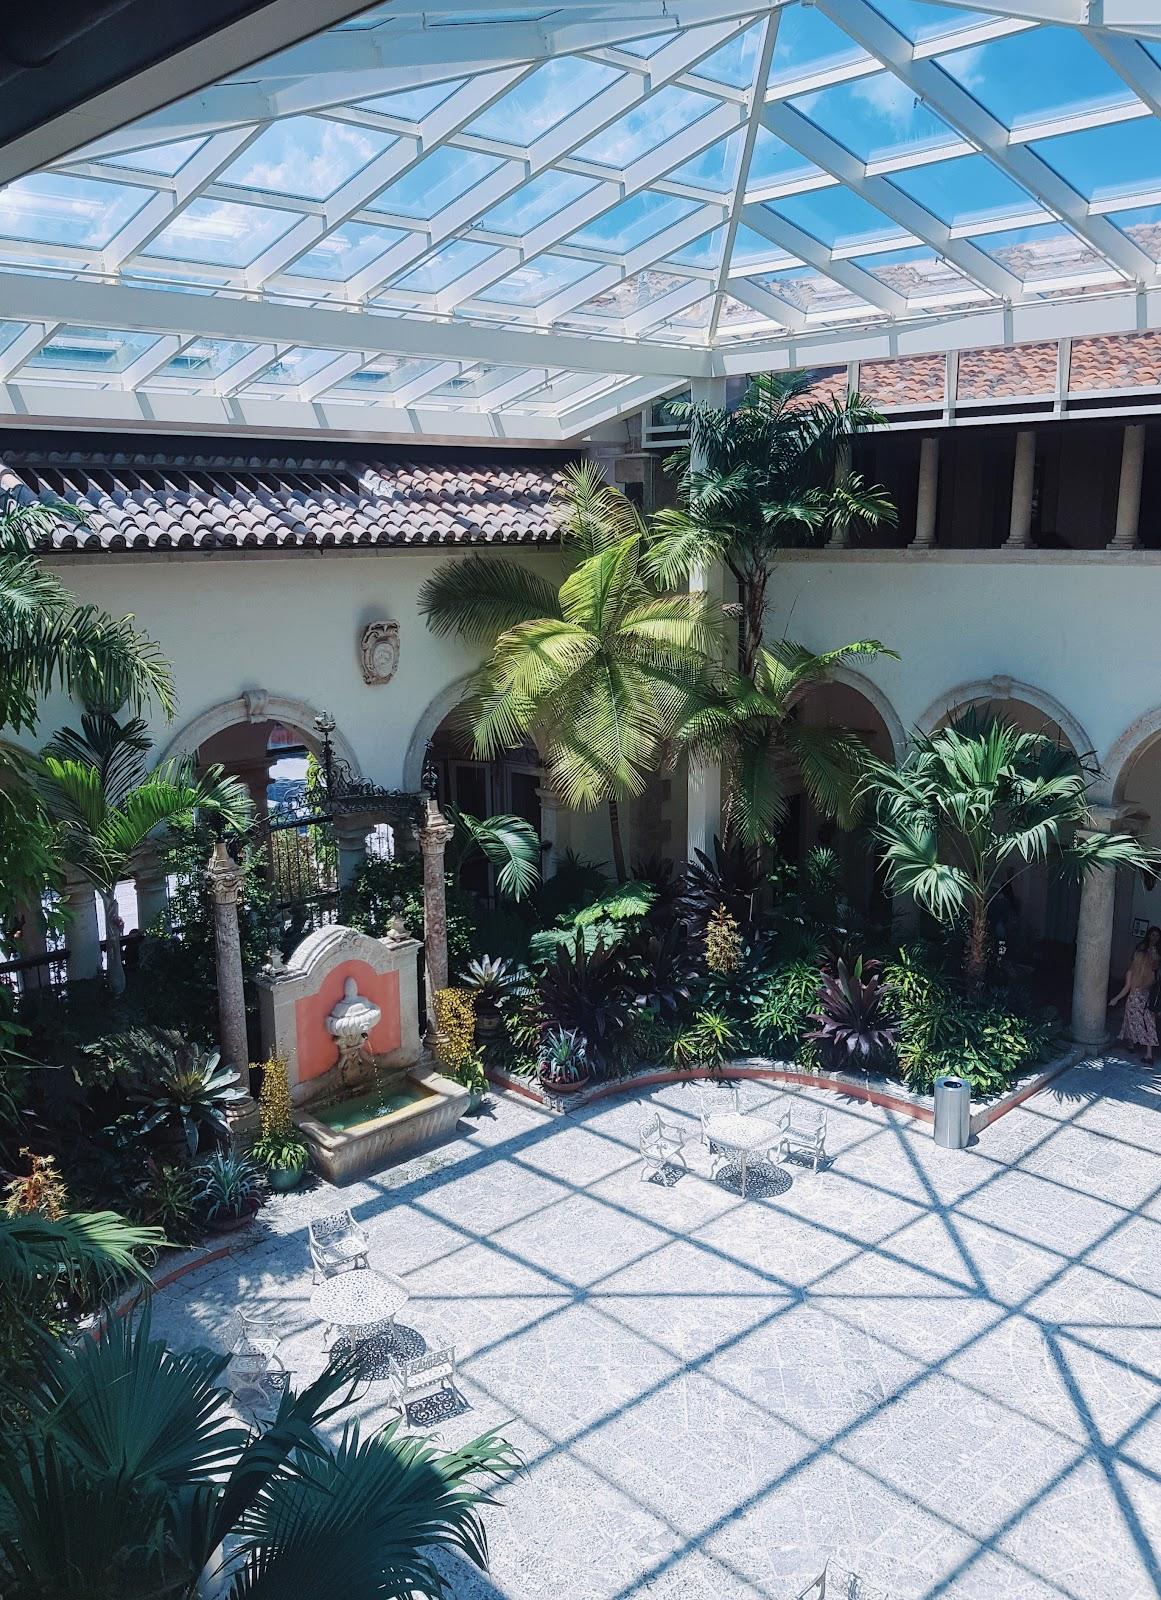 וילה ויסקאיה מיאמי מקומות מיוחדים יפים במיאמי